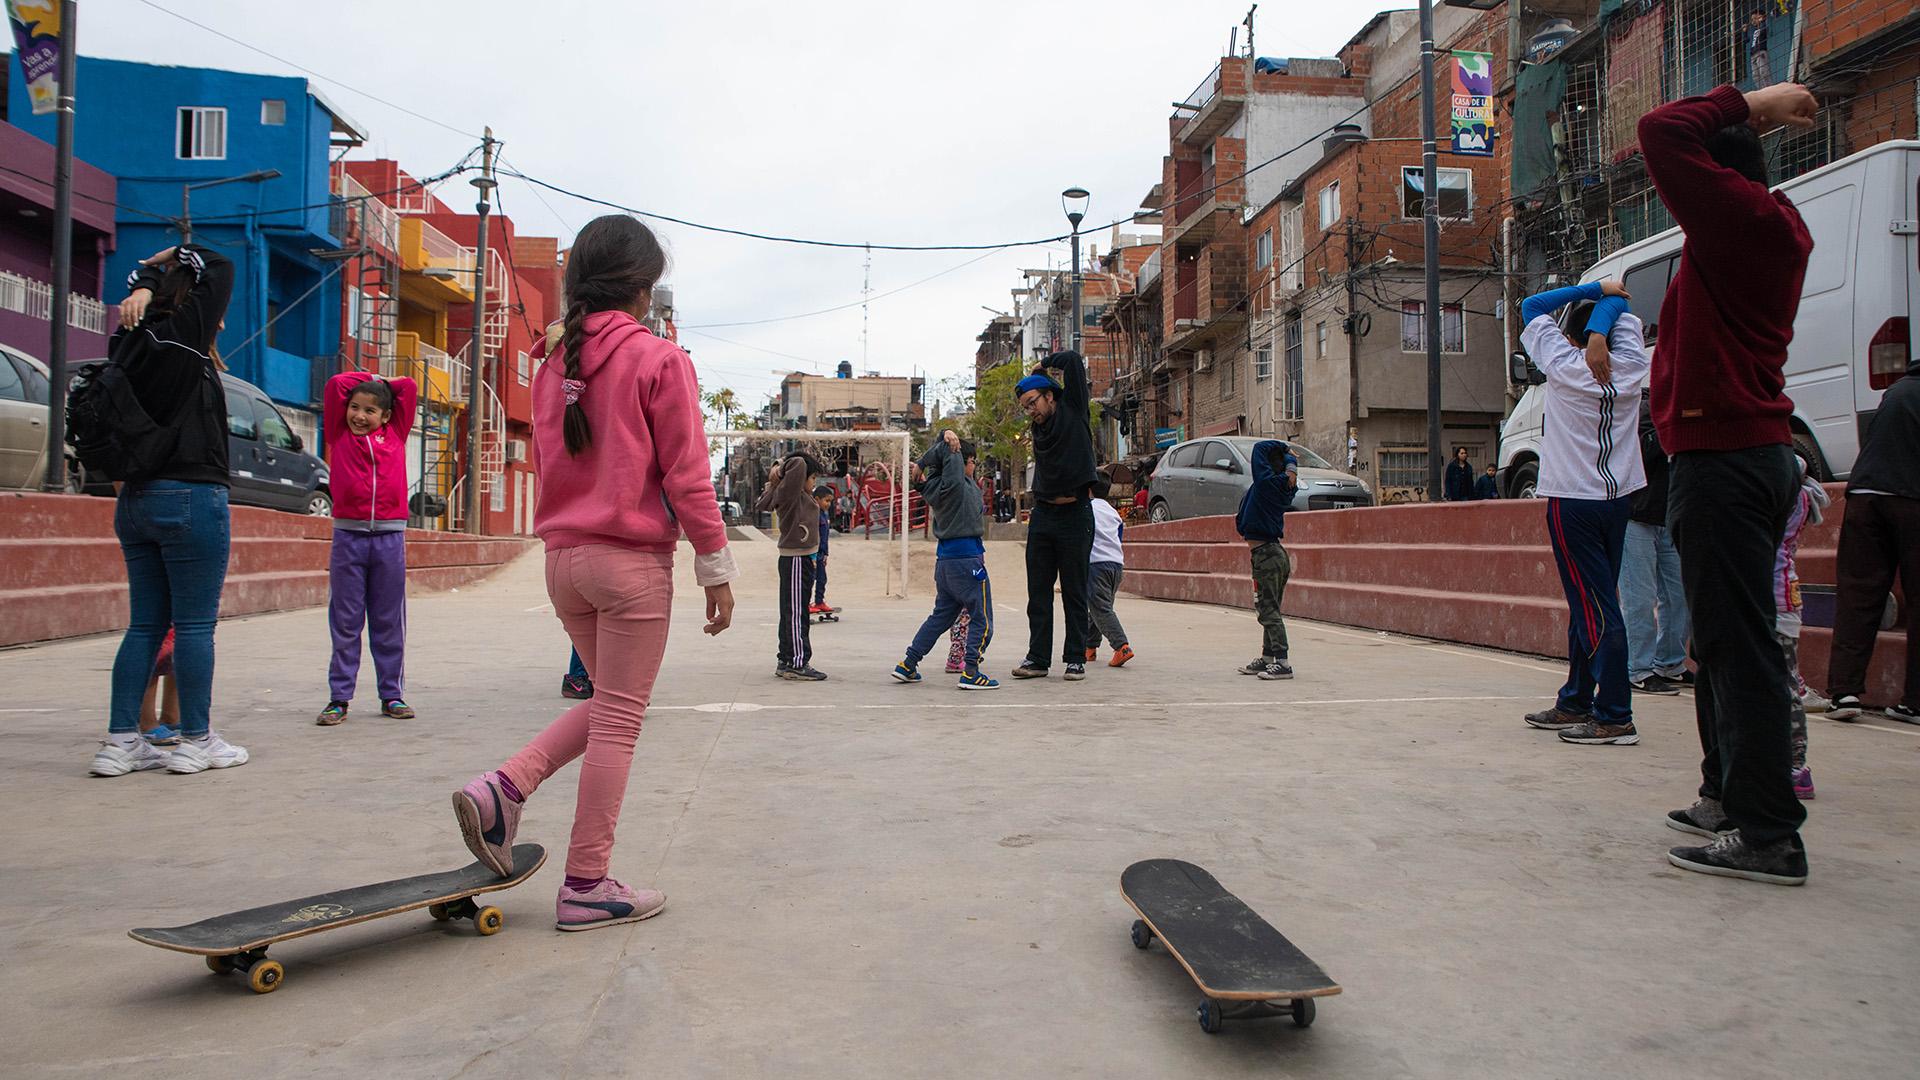 Los chicos se deslizan a través de las patinetas y exponen sus trucos sin miedo a la vergüenza ajena, ya que las caídas son sinónimos de aprendizaje